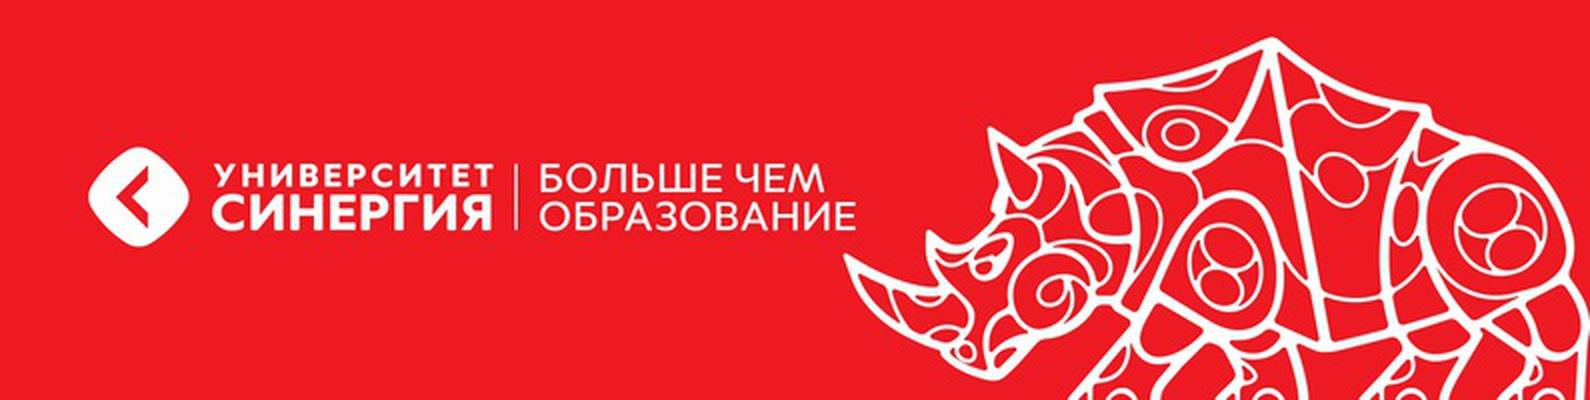 Университет СИНЕРГИЯ - отзывы сотрудников